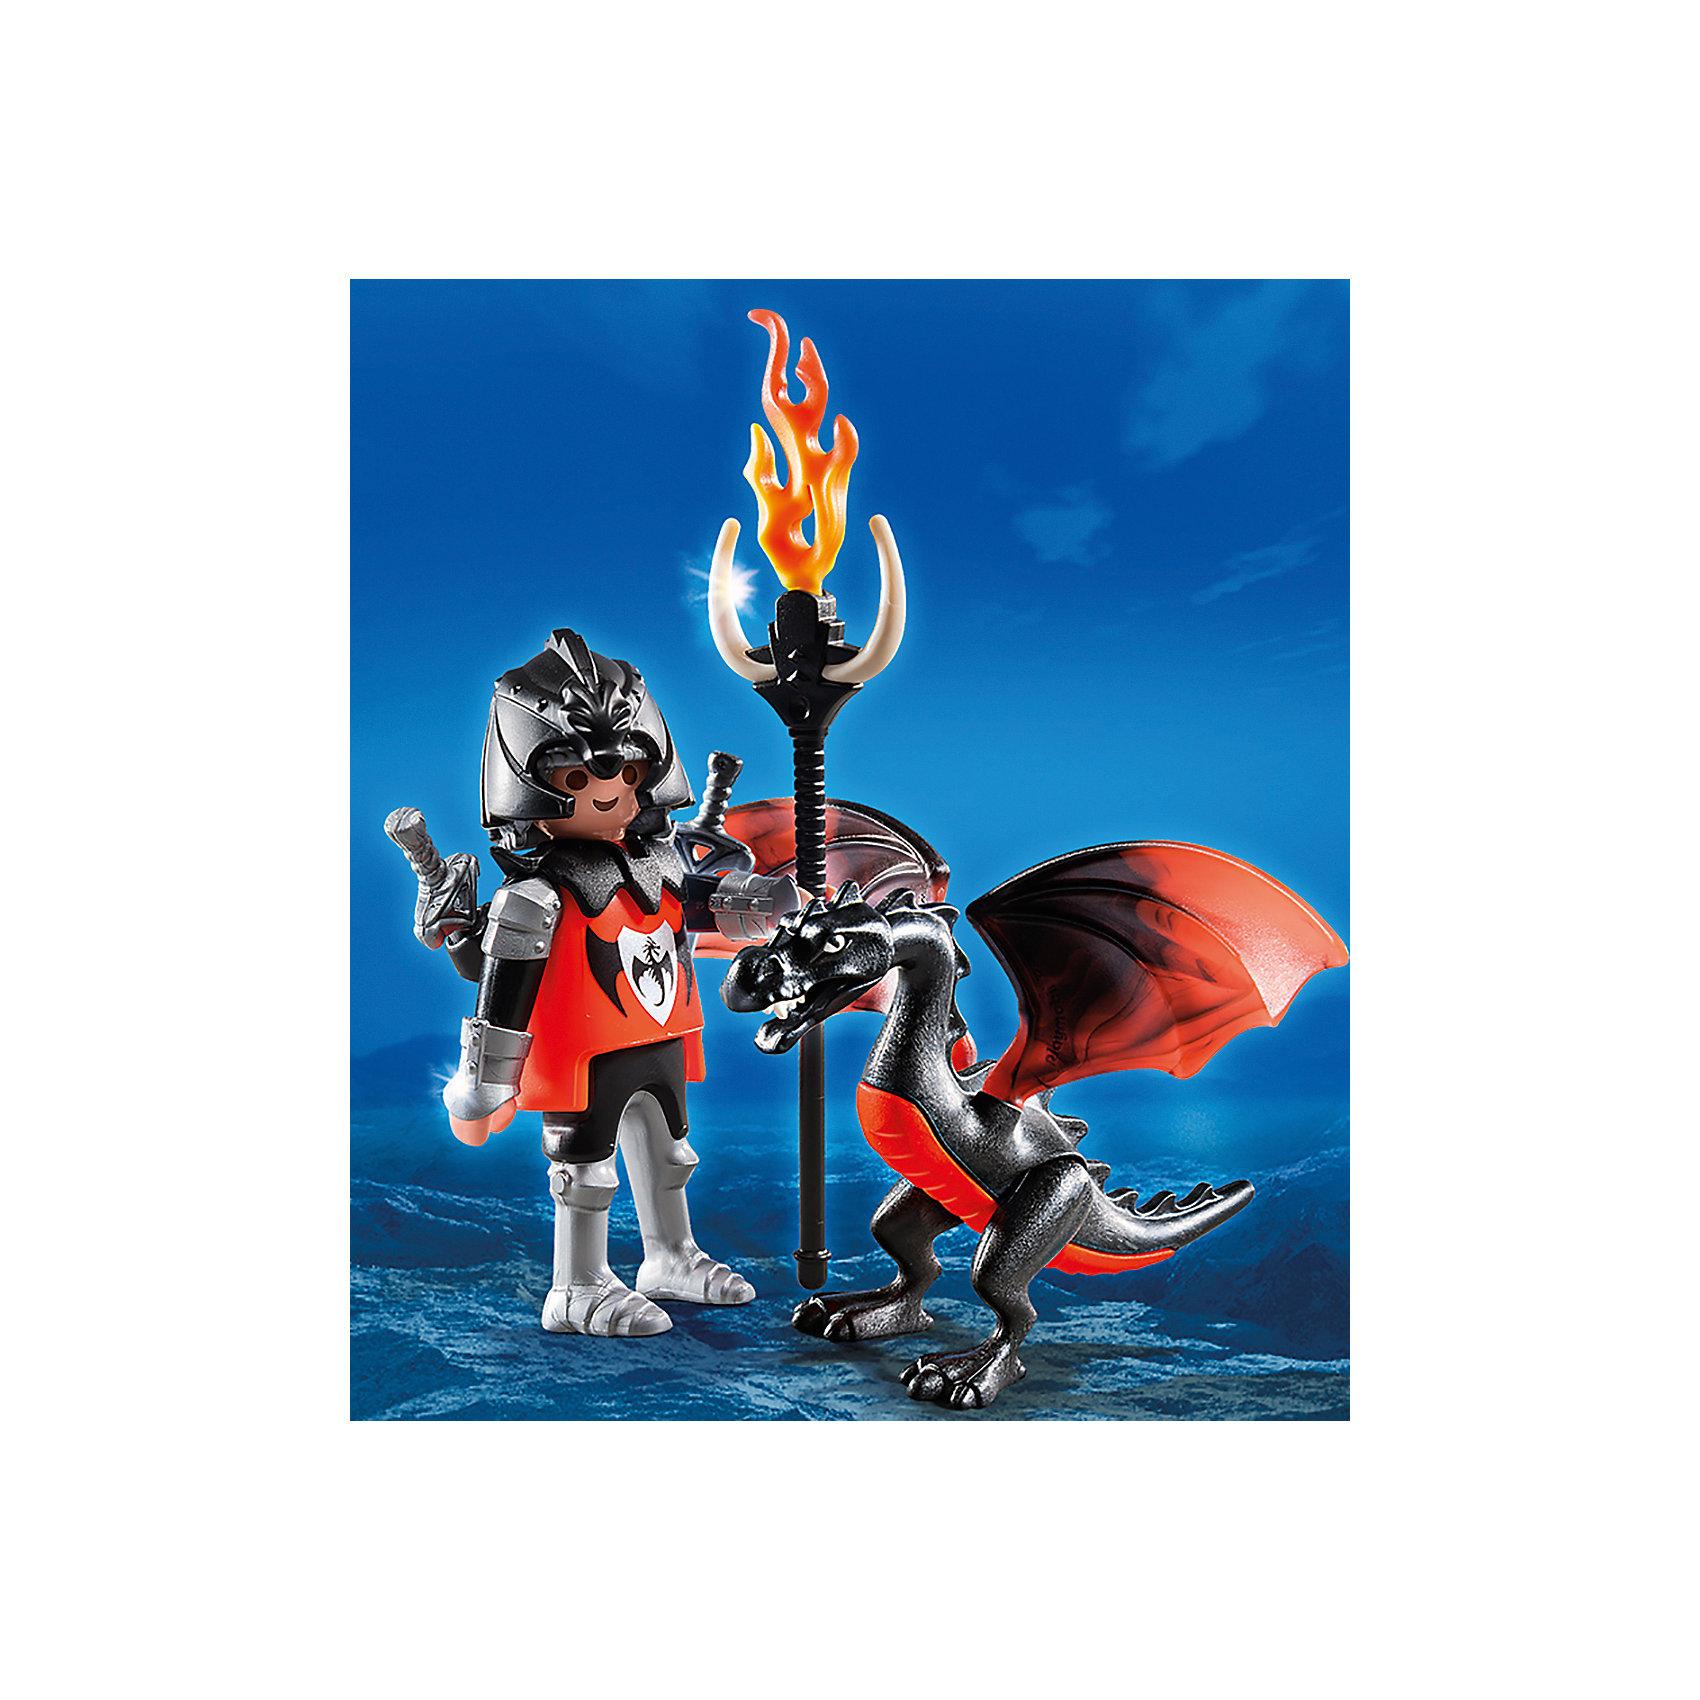 PLAYMOBIL® Экстра-набор: Рыцарь с Драконом, PLAYMOBIL playmobil® экстра набор сёрфингист с доской playmobil